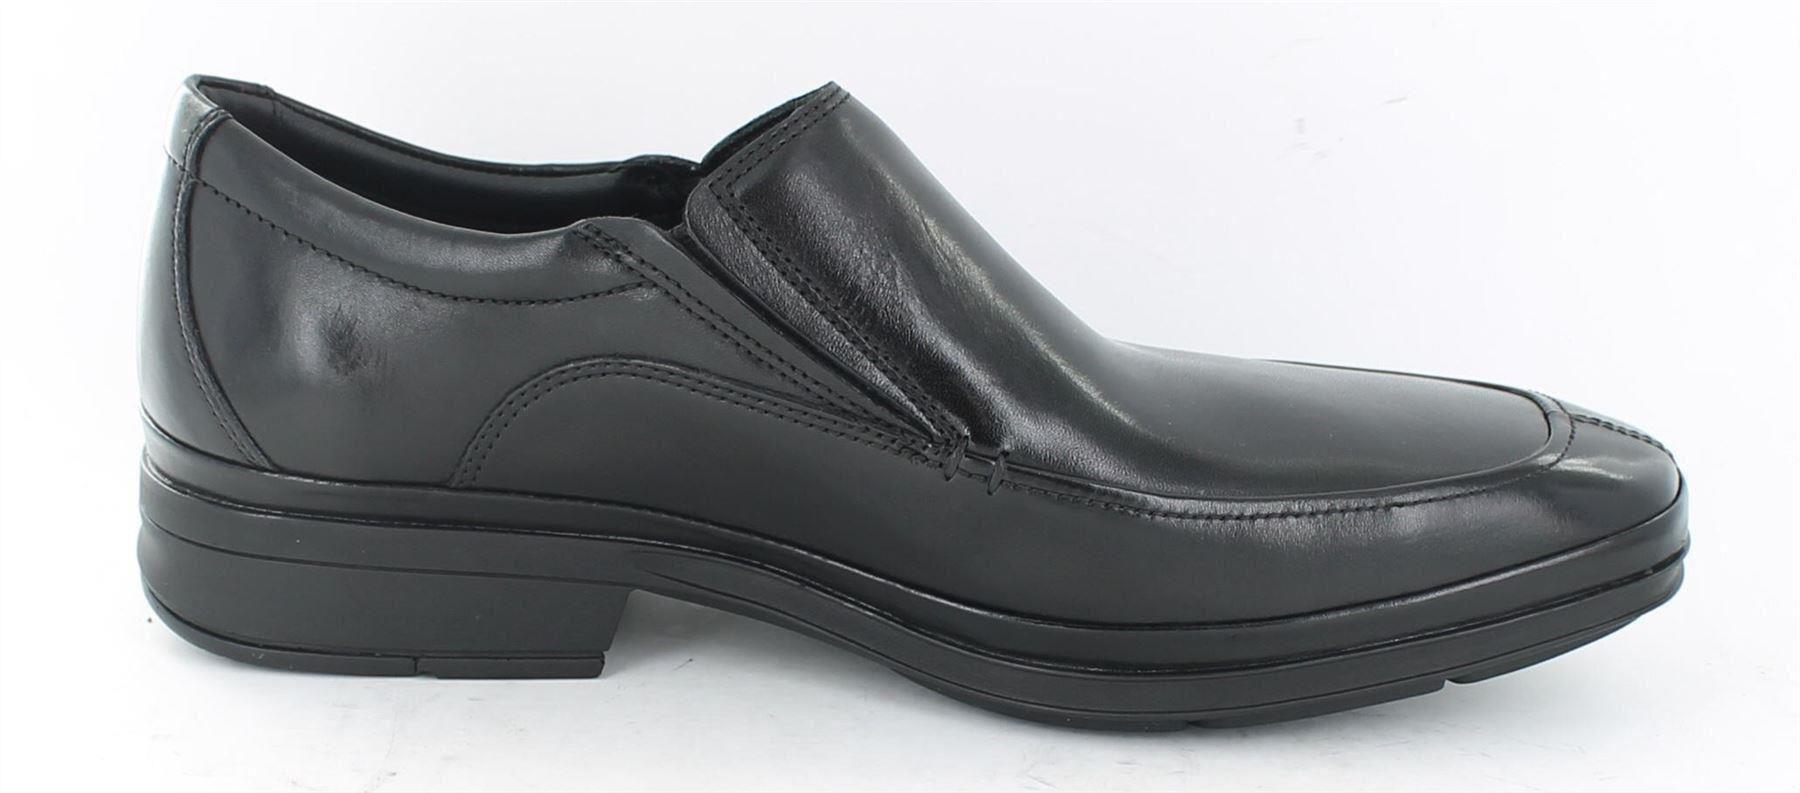 Clarks-Deliver-Light-Formal-Slip-on-Active-Air-Shoes-Black-Leather